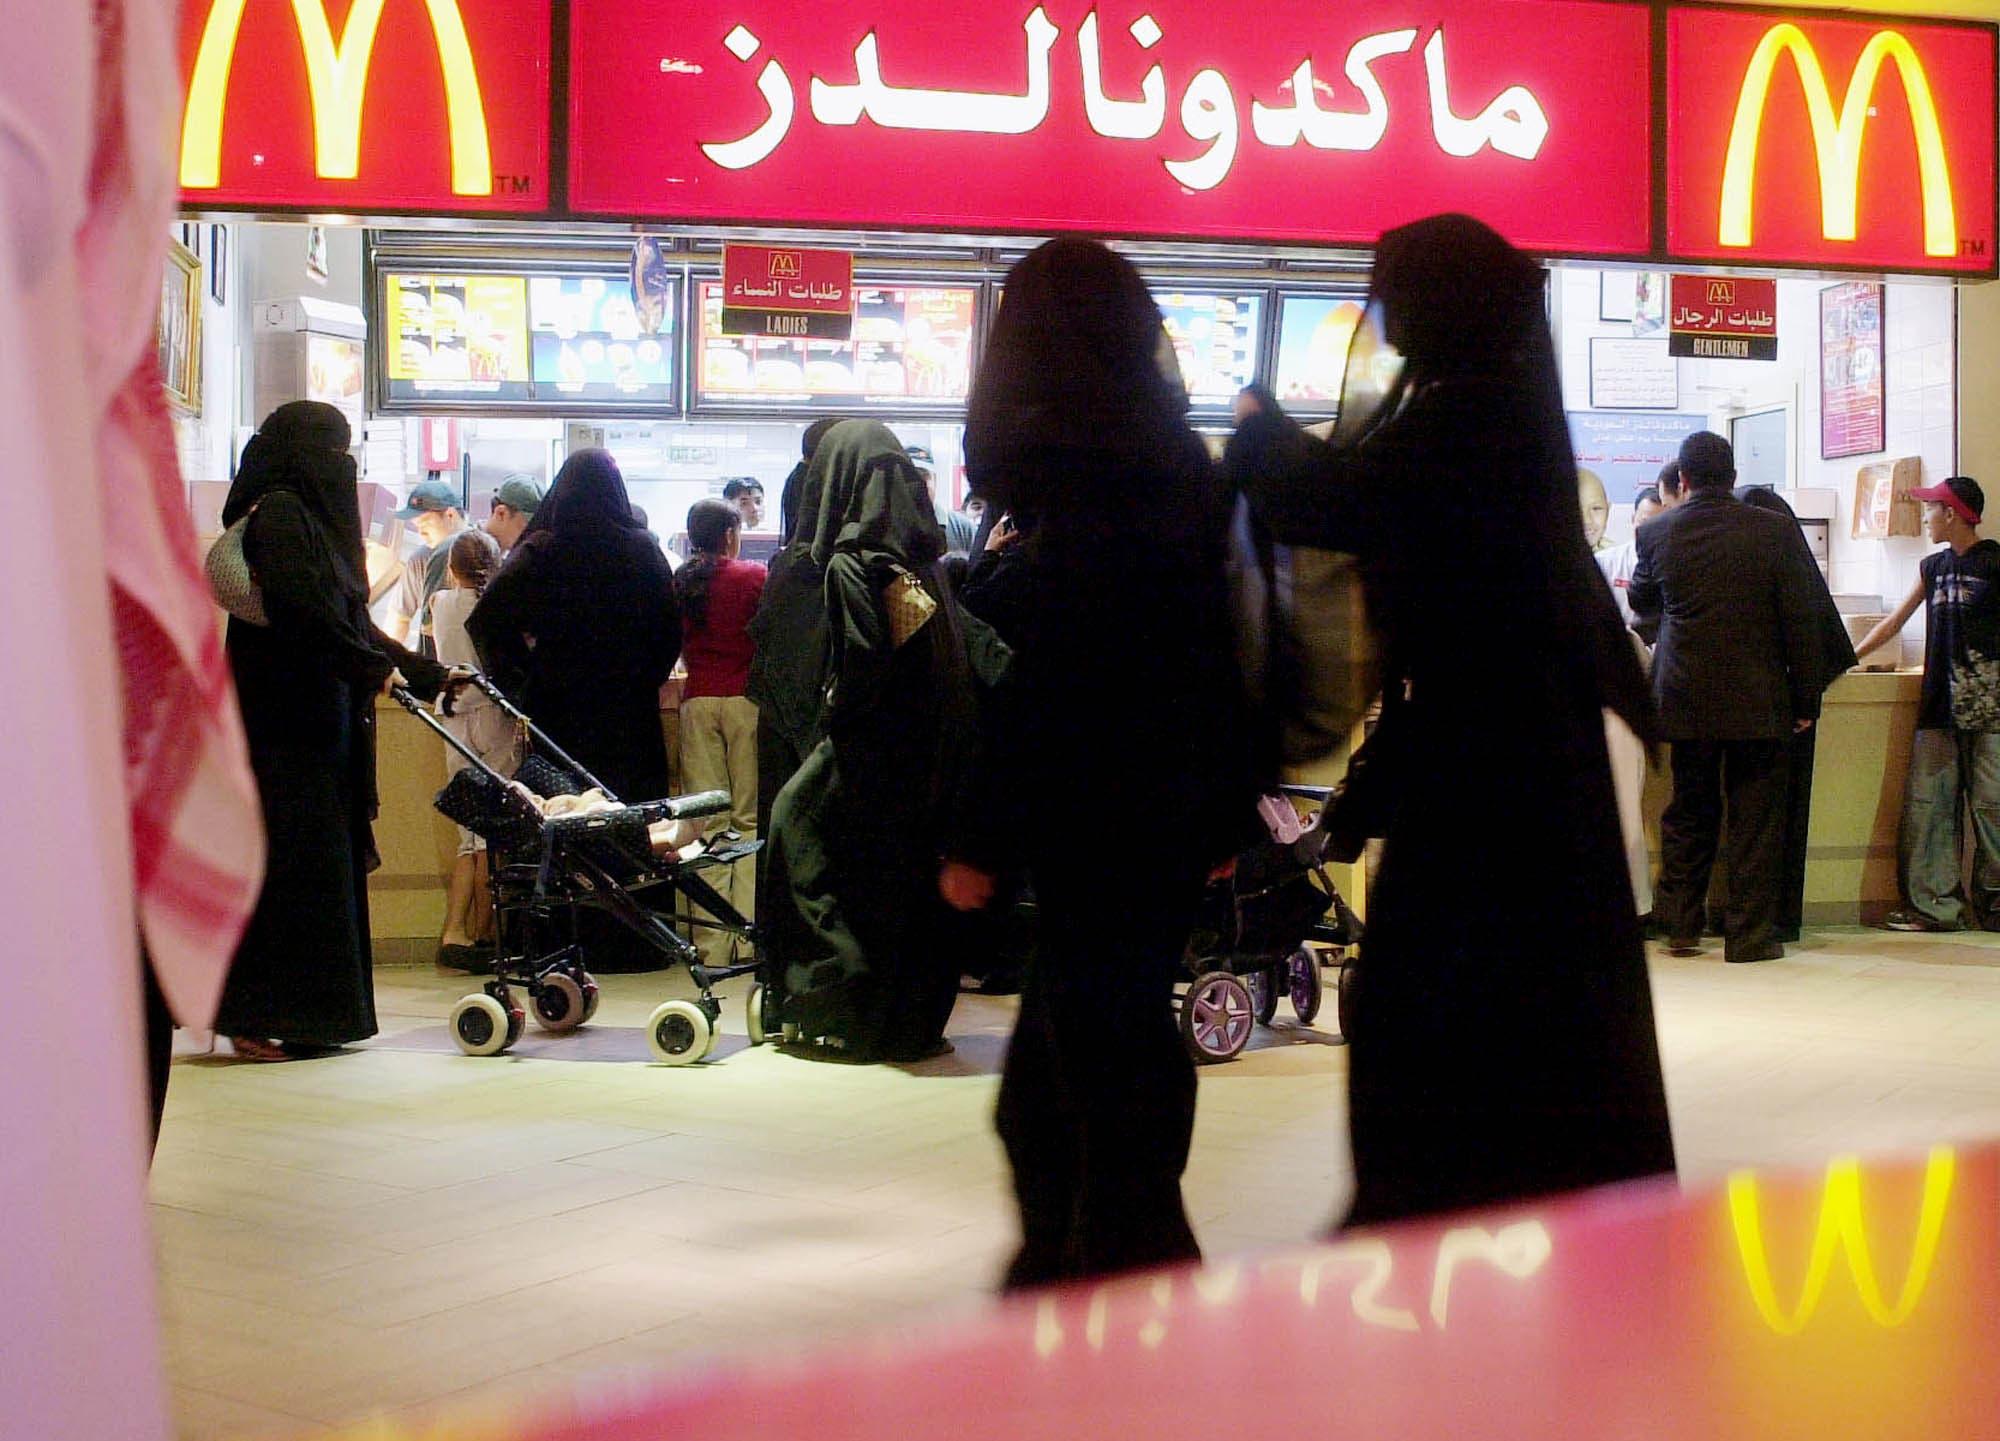 Saudis gather by a McDonalds fast food restaurant in a Riyadh, Saudi Arabia